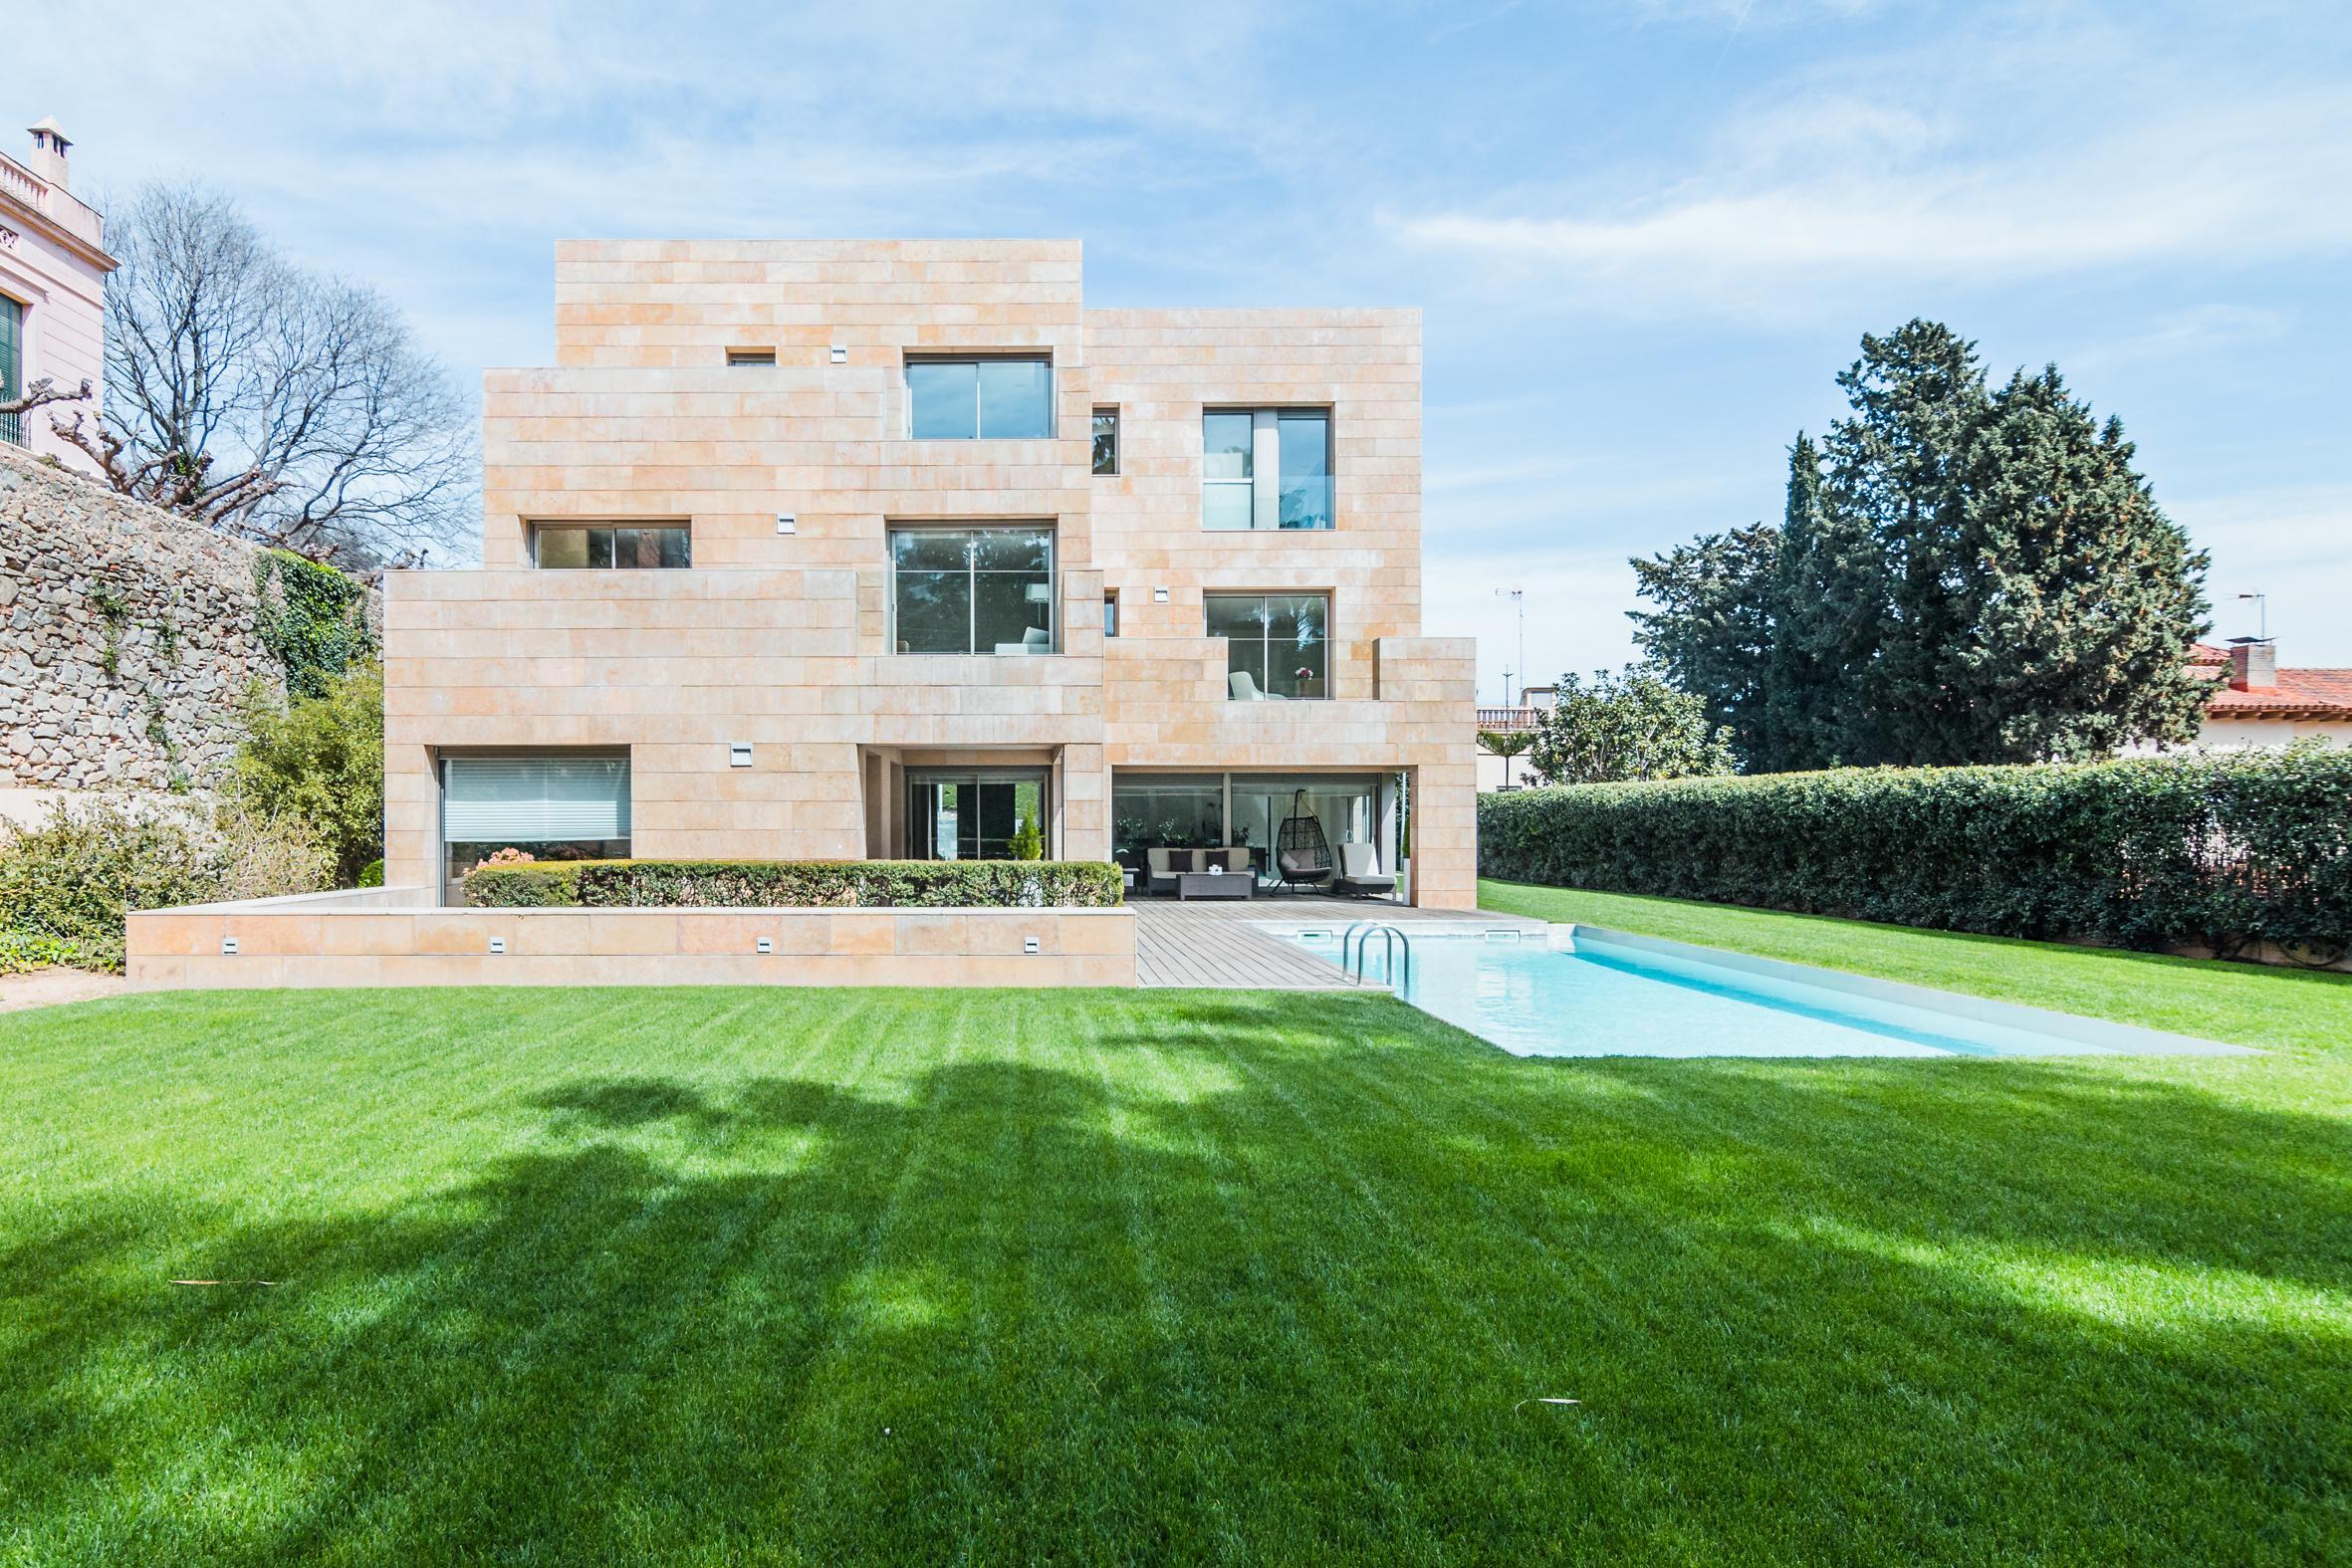 204447 Casa en venda en Les Corts, Pedralbes 5